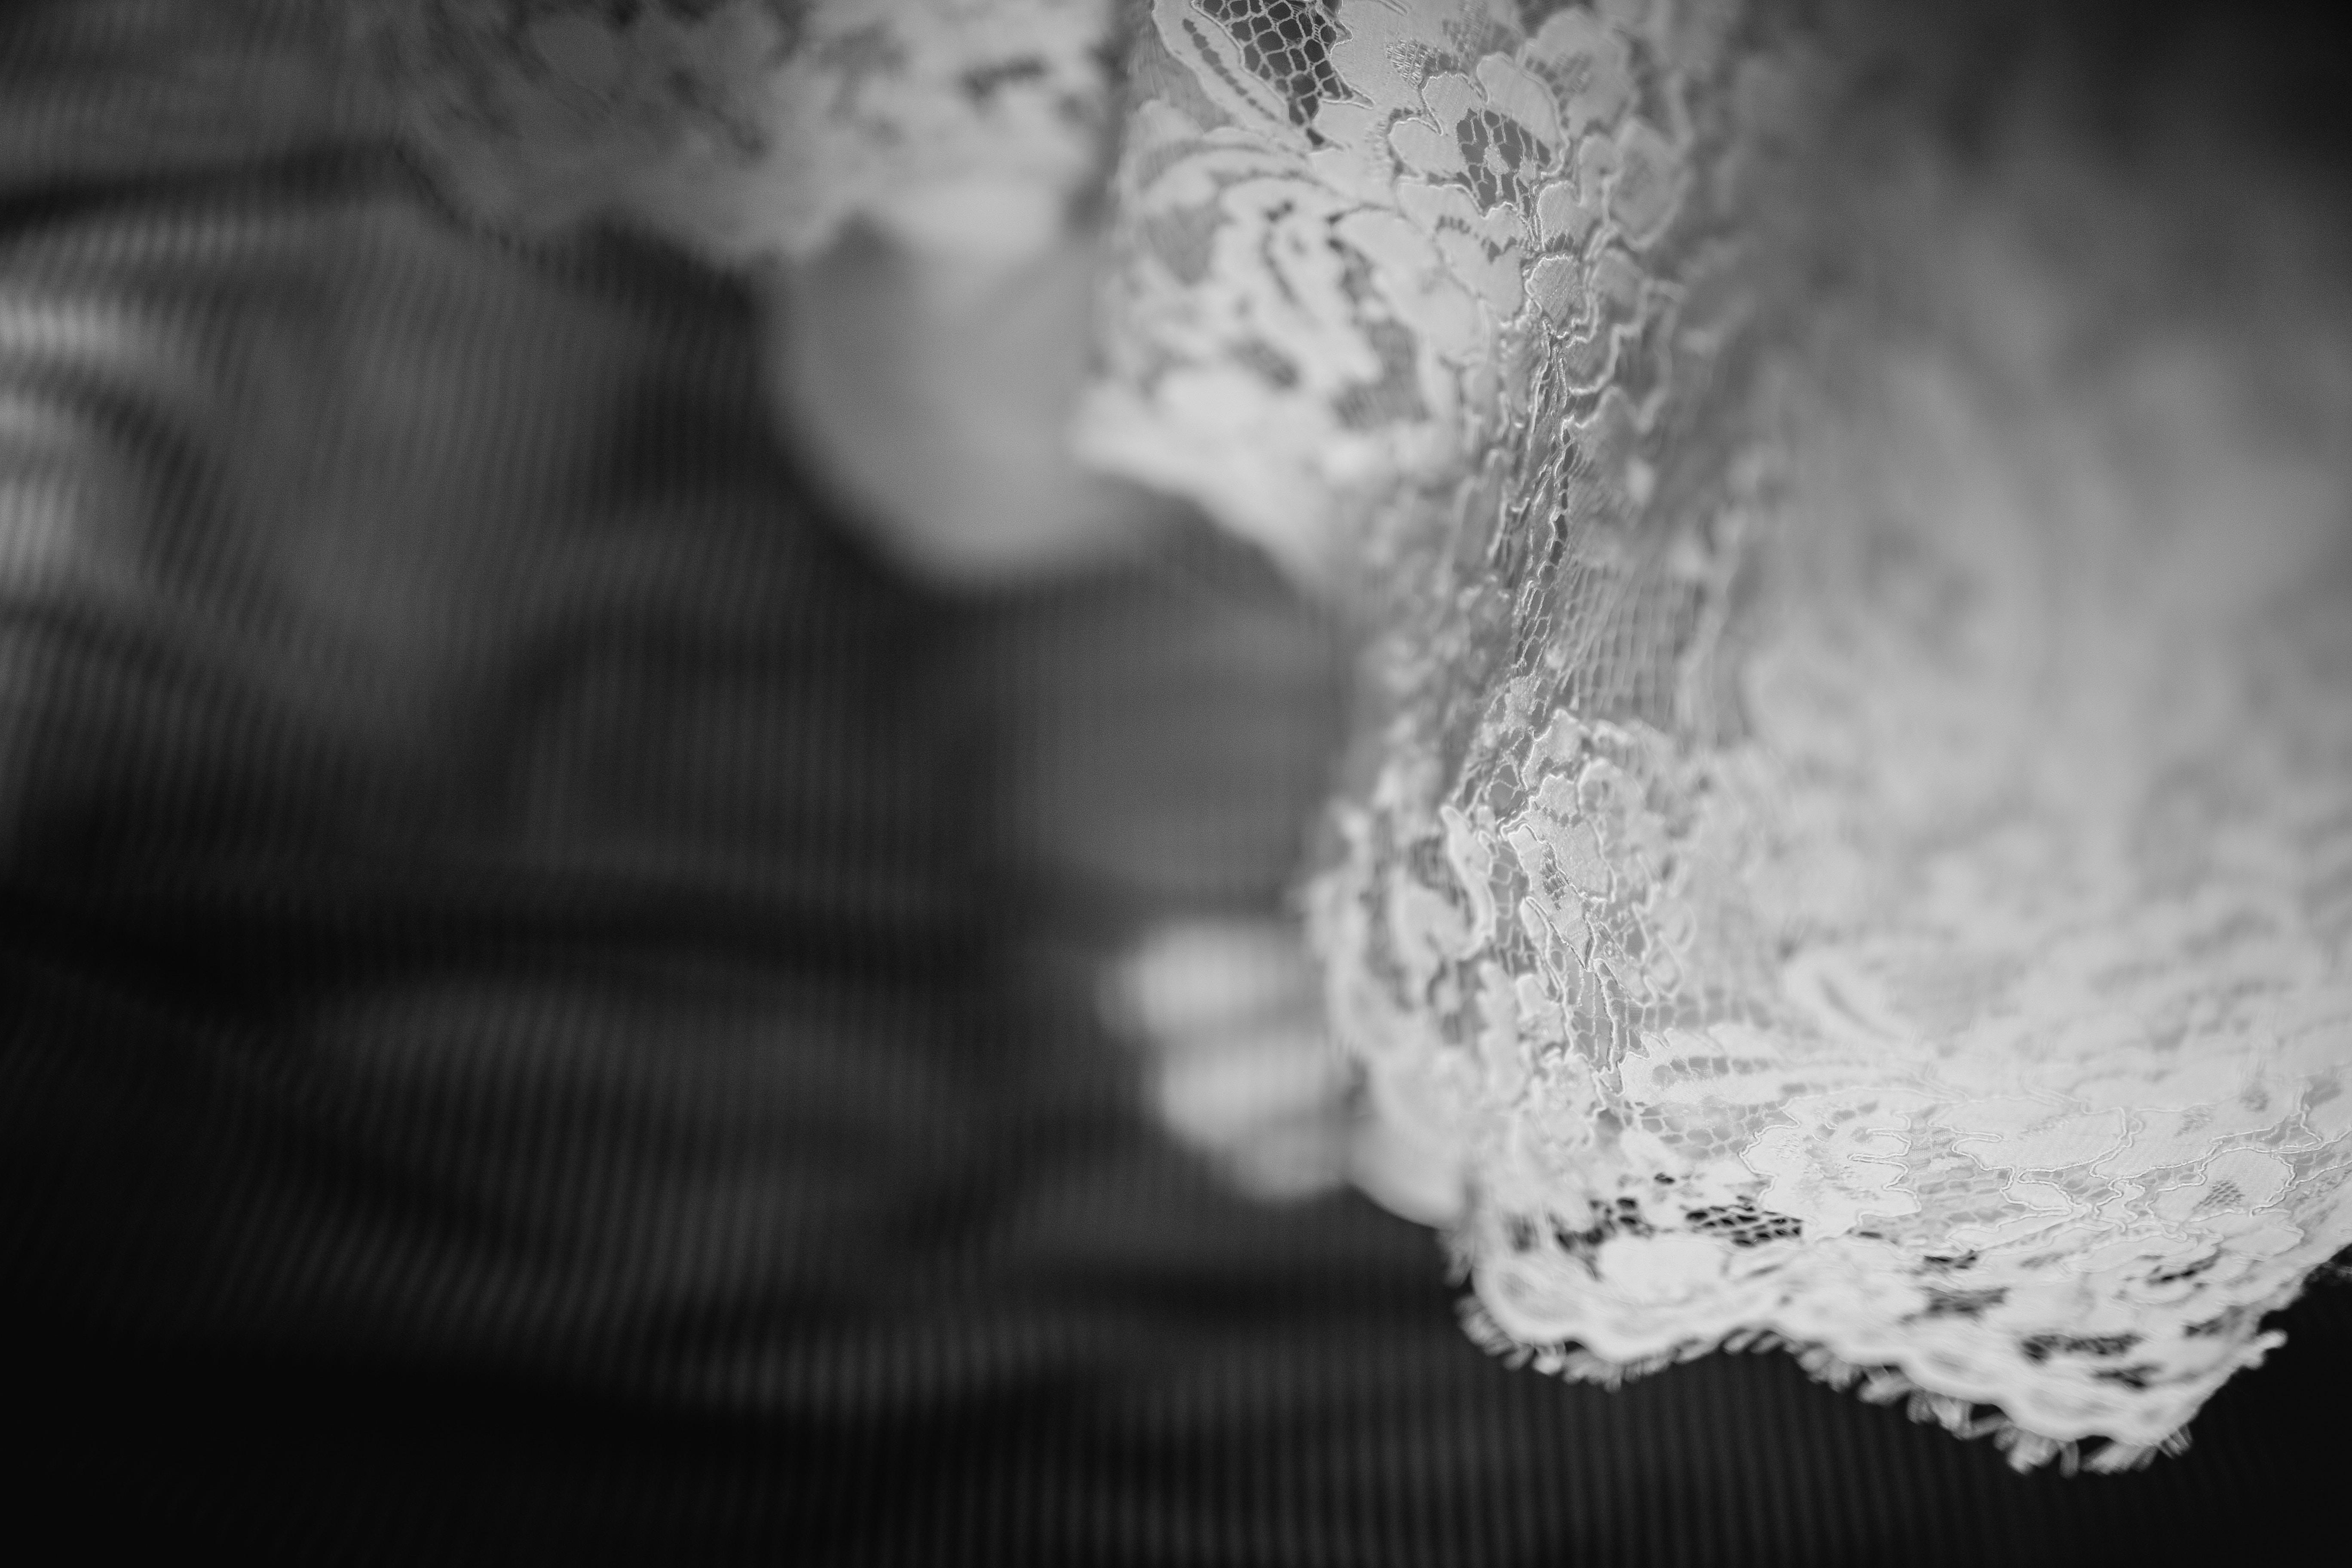 white lace textile